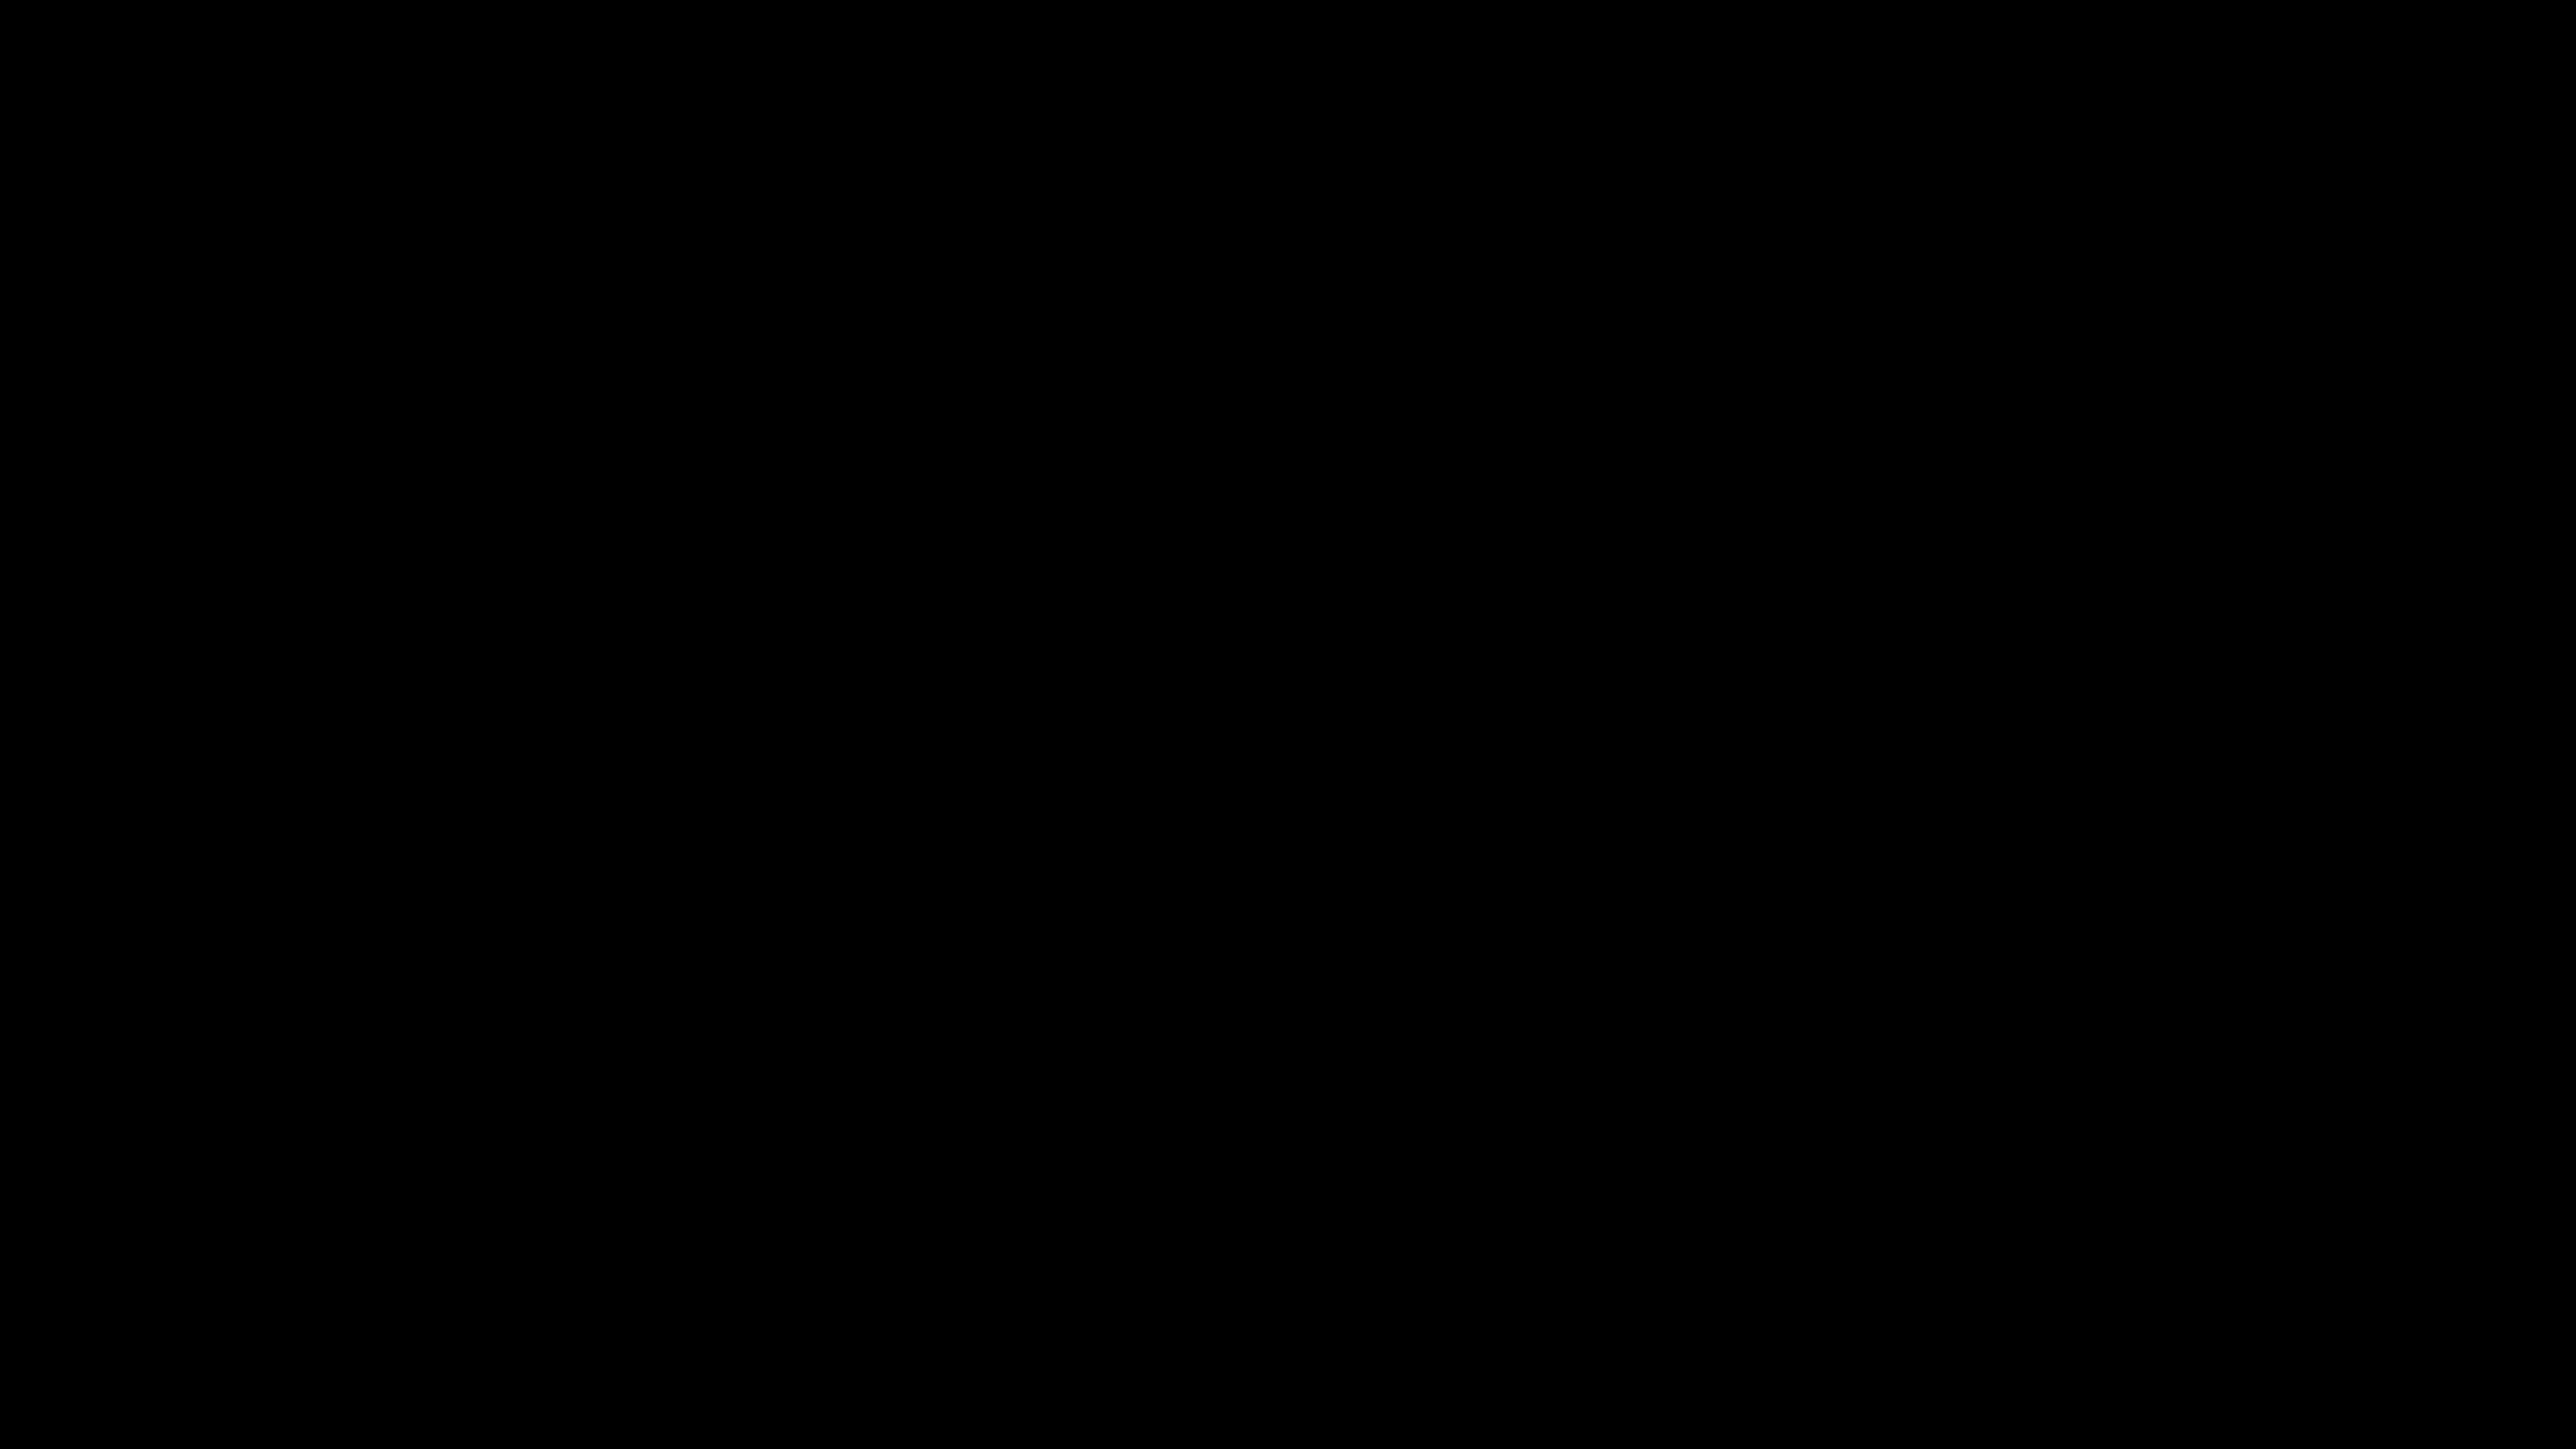 Московская область — Областной центр РСФСР в составе СССР (14.01.1929)